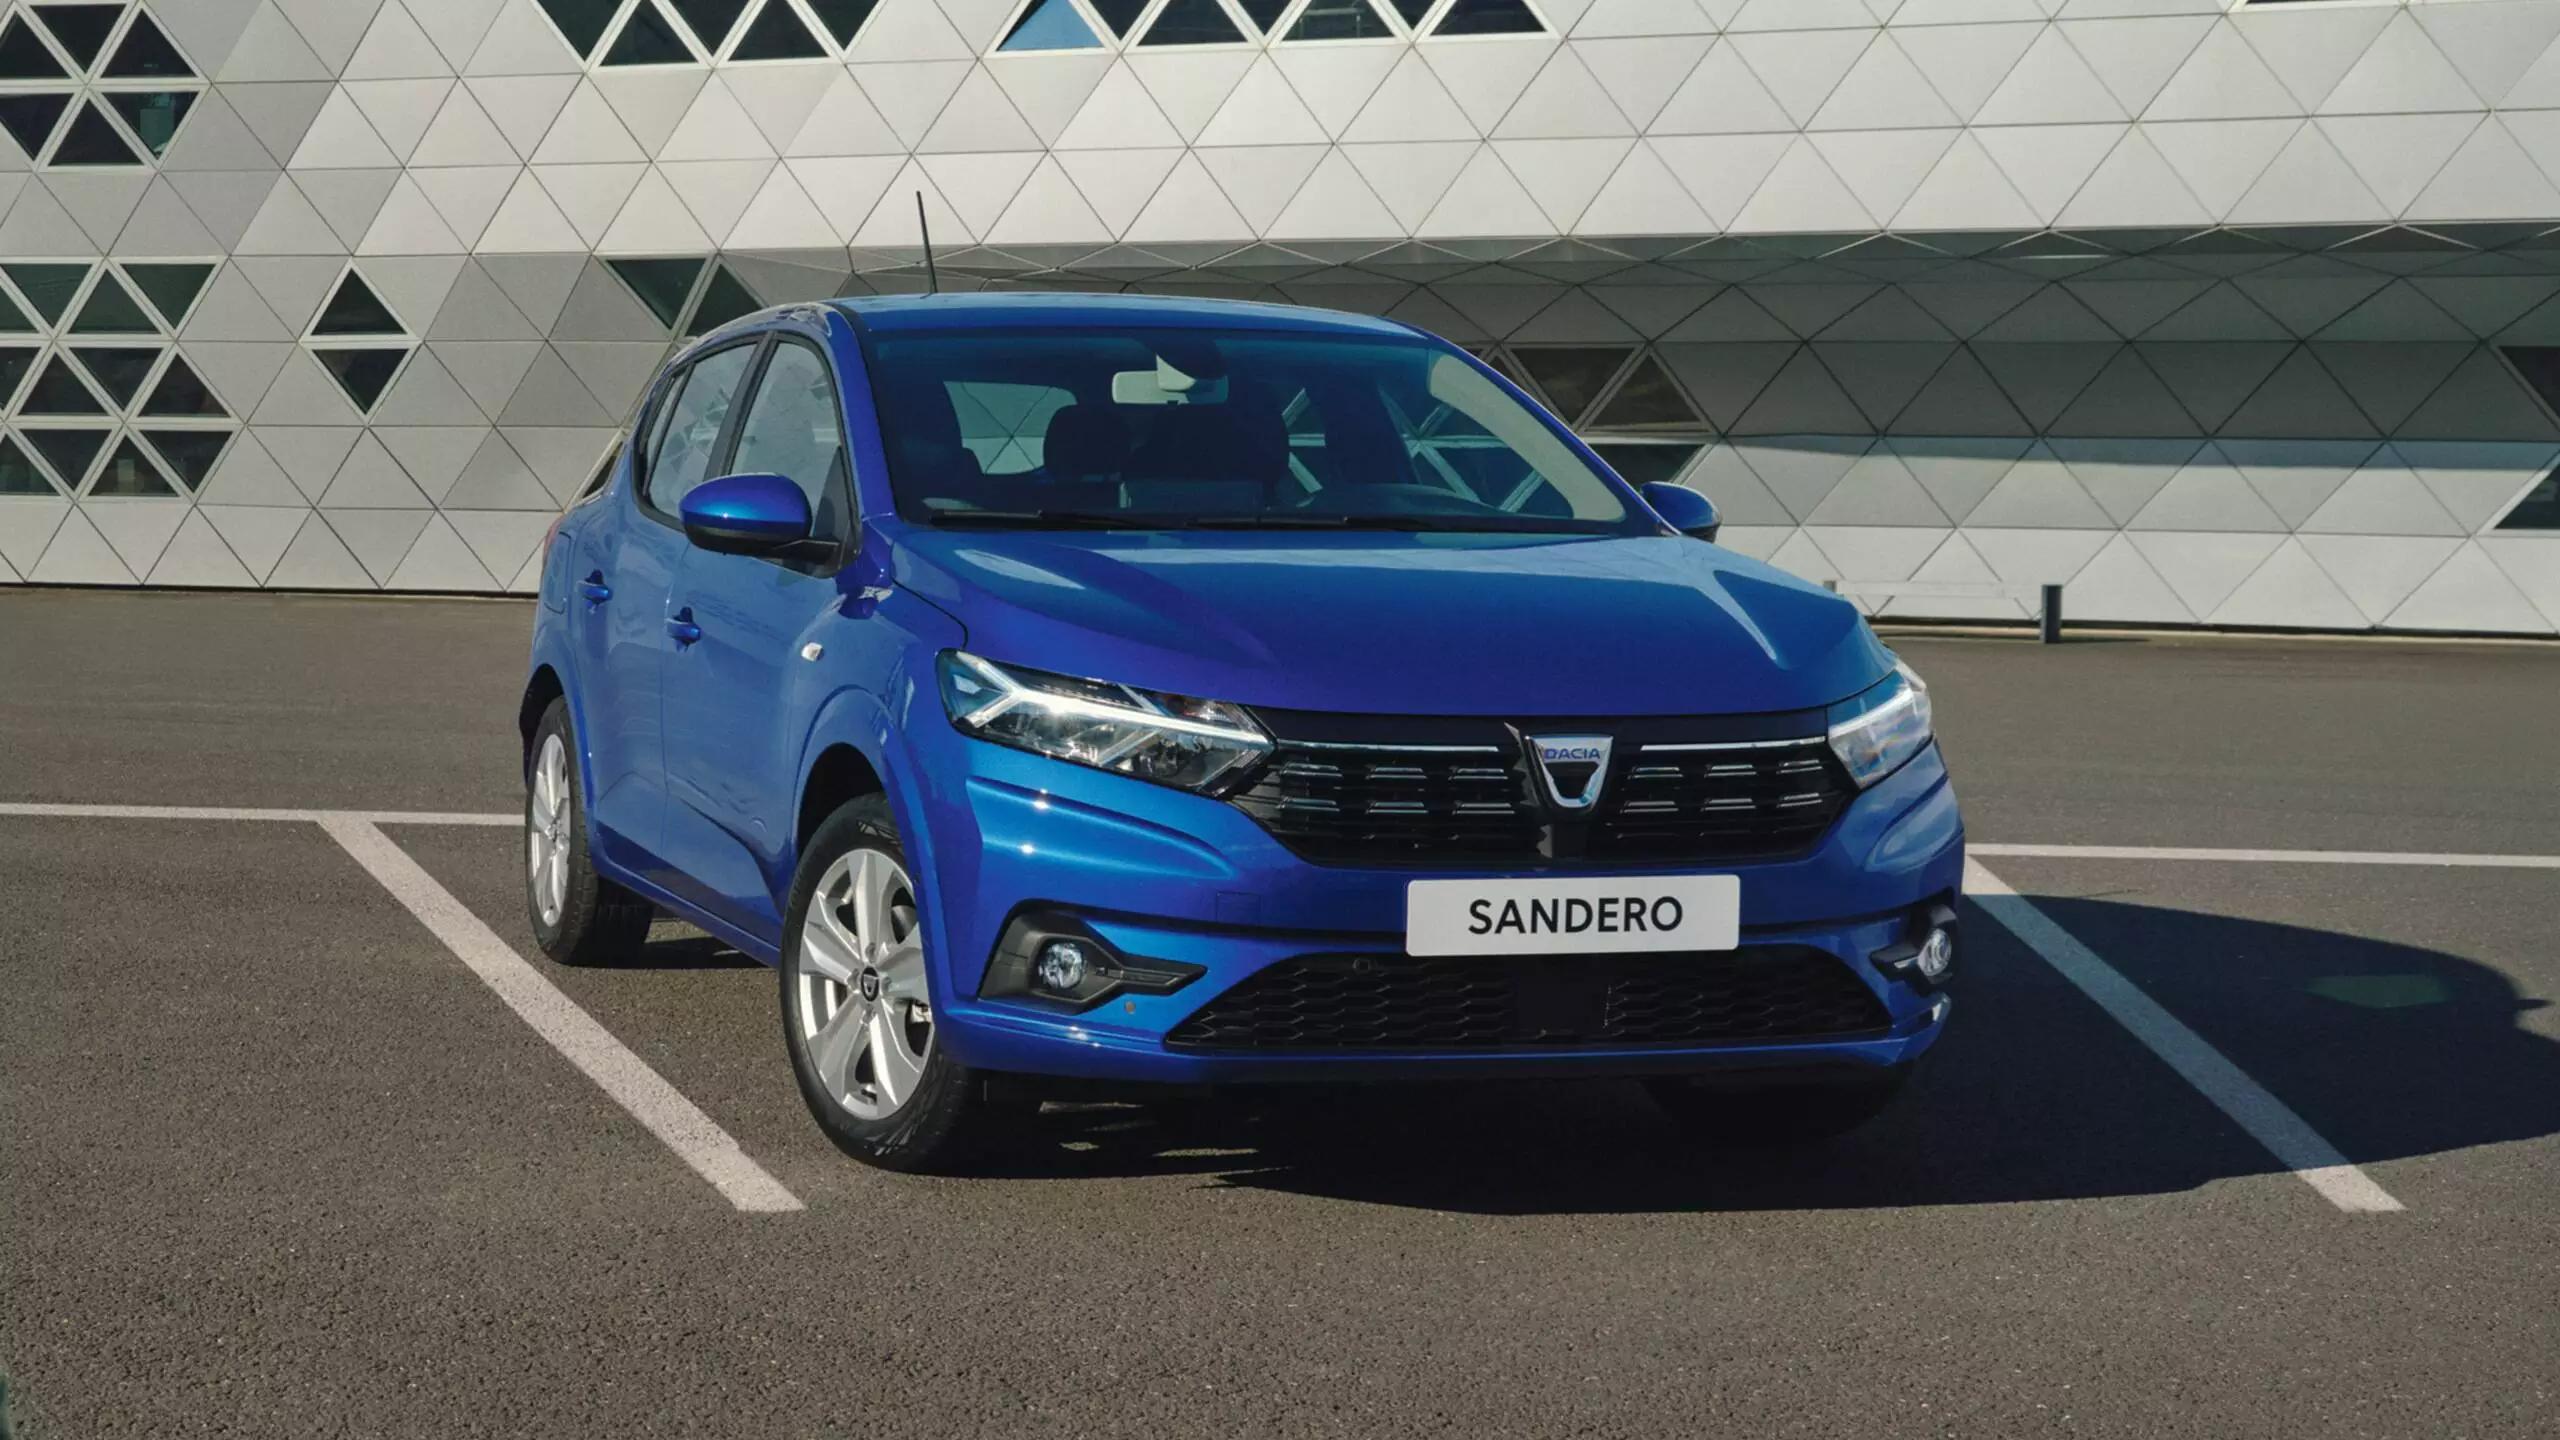 2021 Dacia Sandero 1.0 Turbo